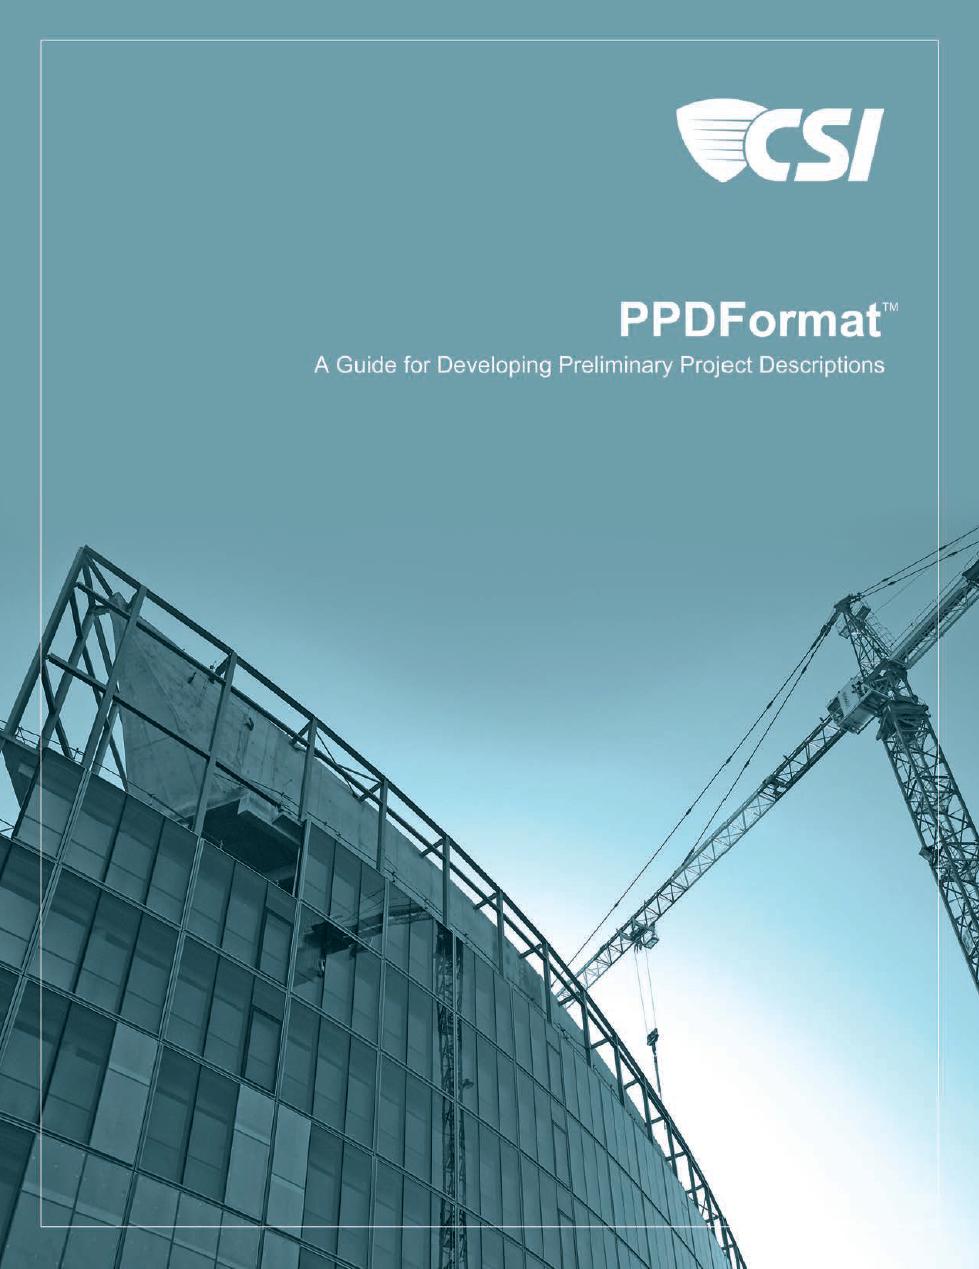 PPDFormat